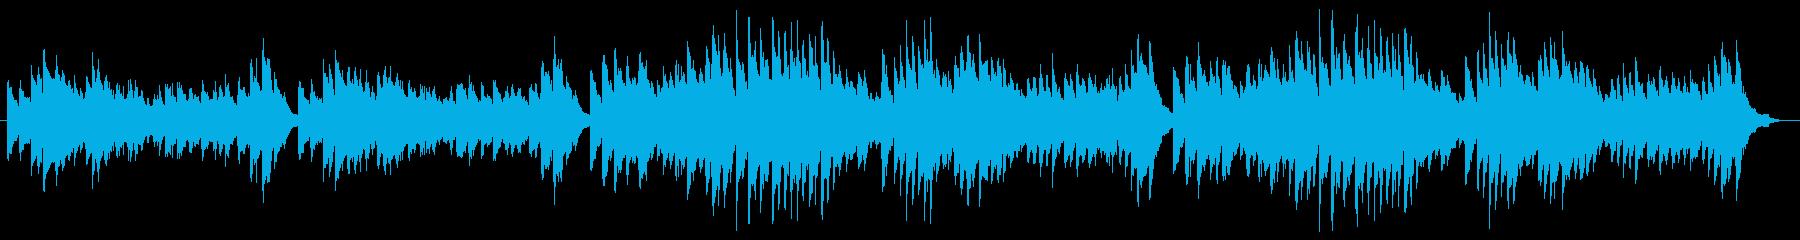 哀愁漂う悲しきピアノ曲の再生済みの波形